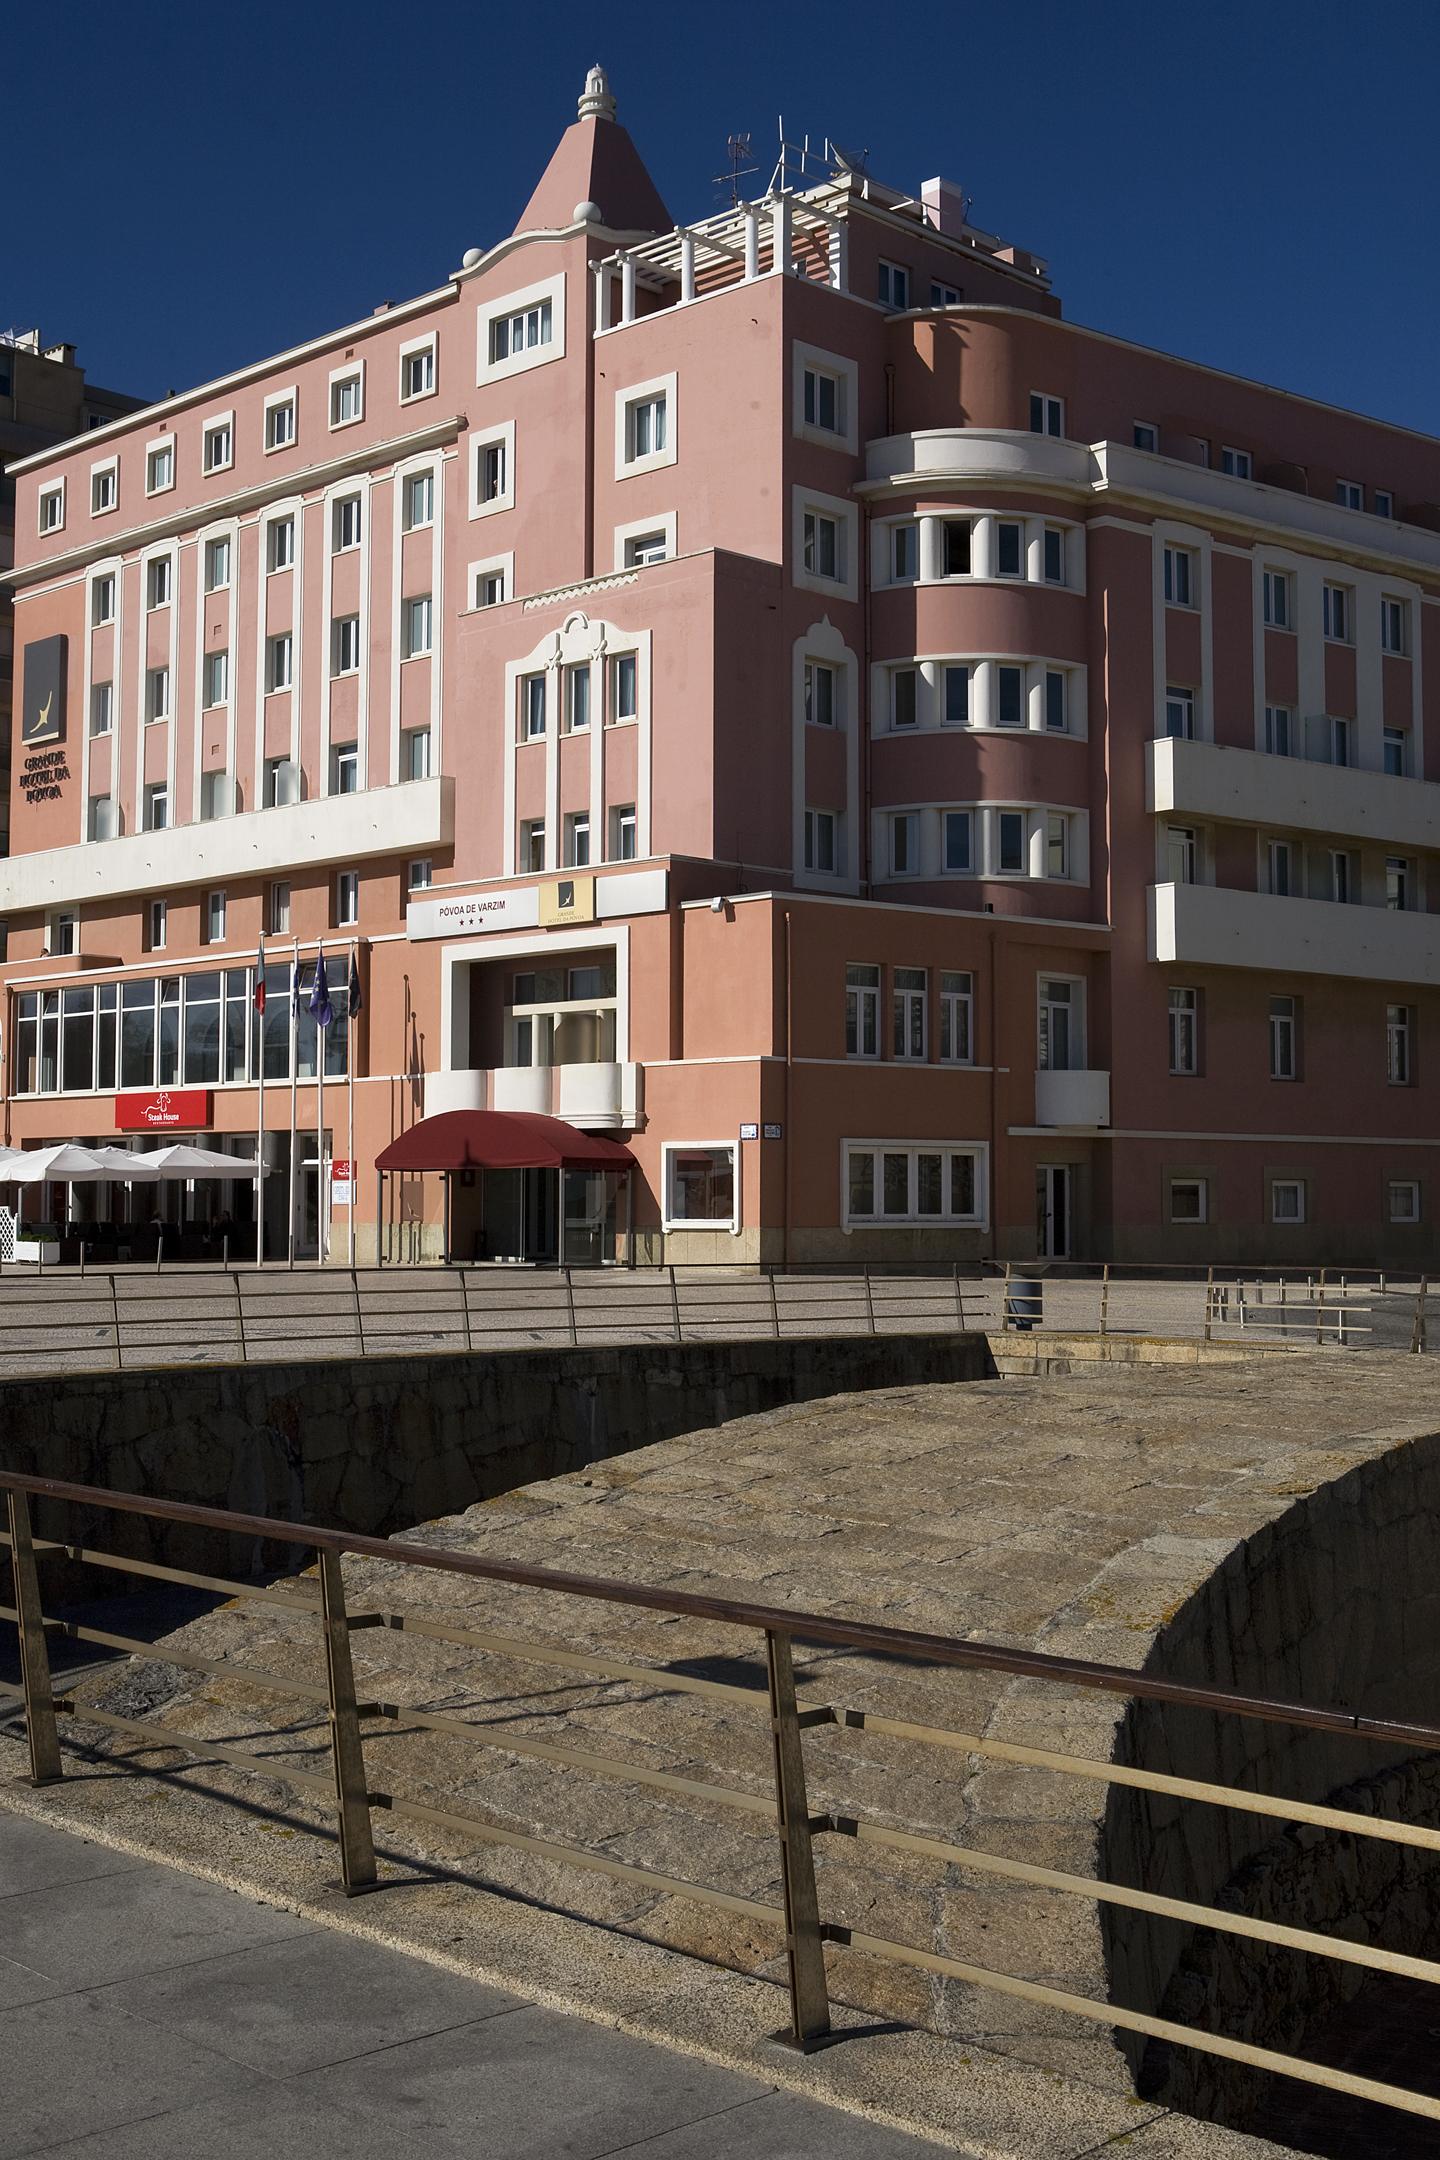 decoracao de interiores povoa de varzim:Grande Hotel da Póvoa, de 3 estrelas, integrado no Grupo Elpo